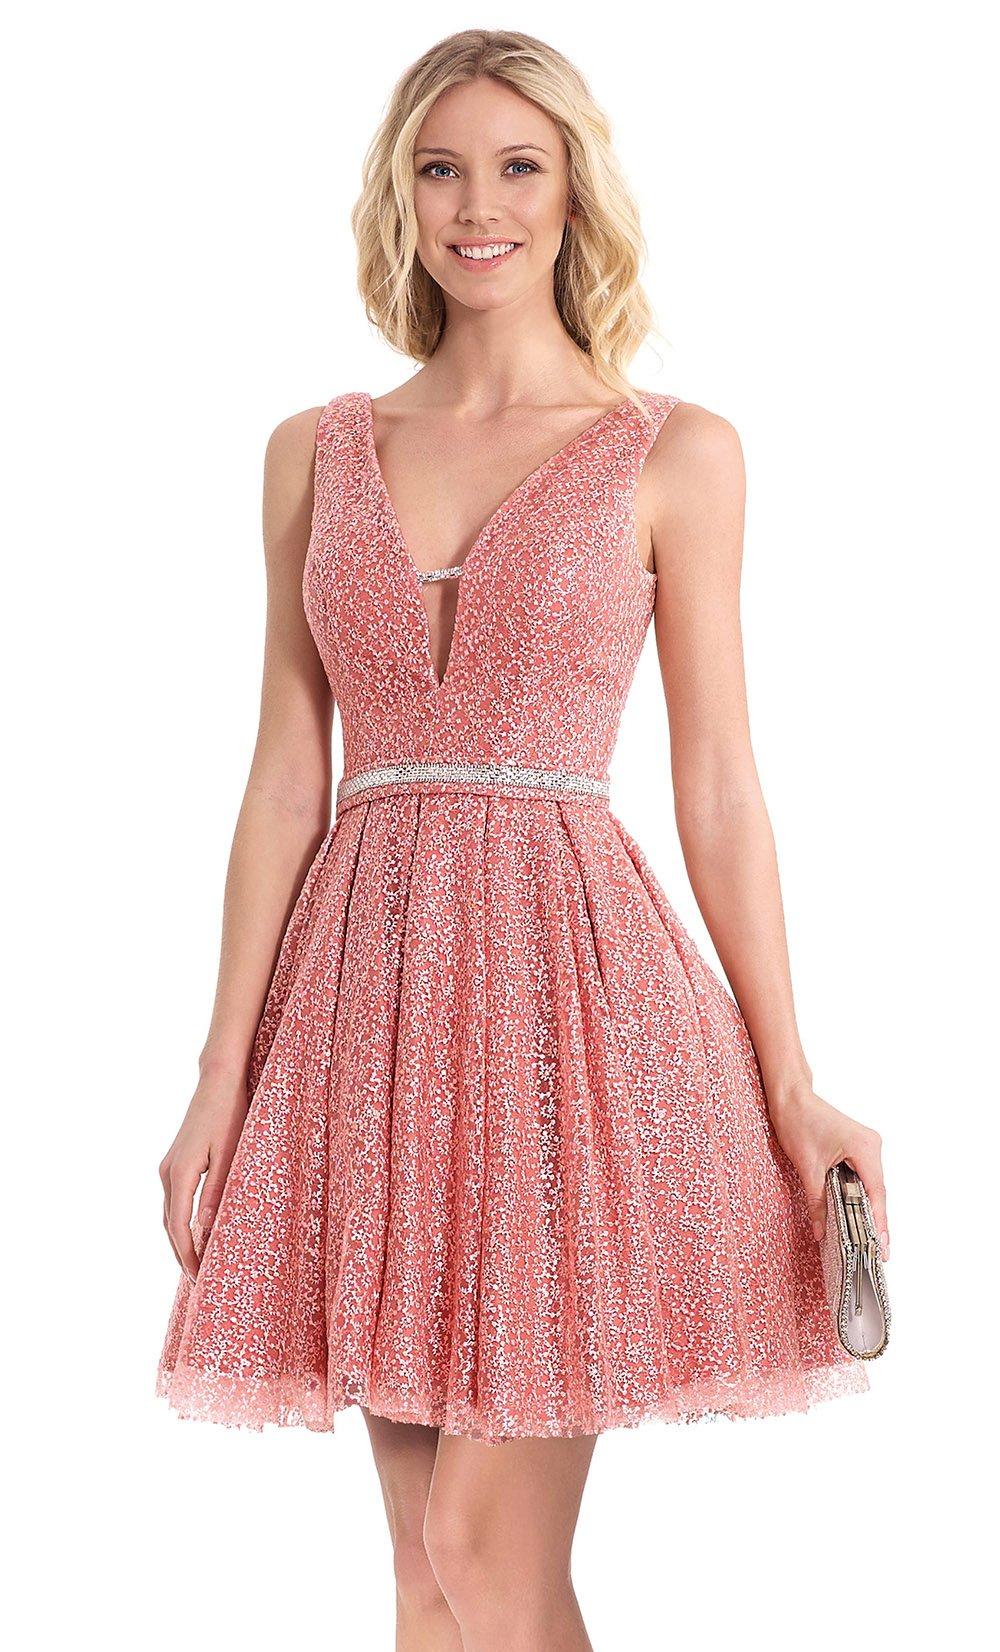 Dorable Vestidos De Fiesta Cortos Rosa Bajo 100 Modelo - Ideas de ...